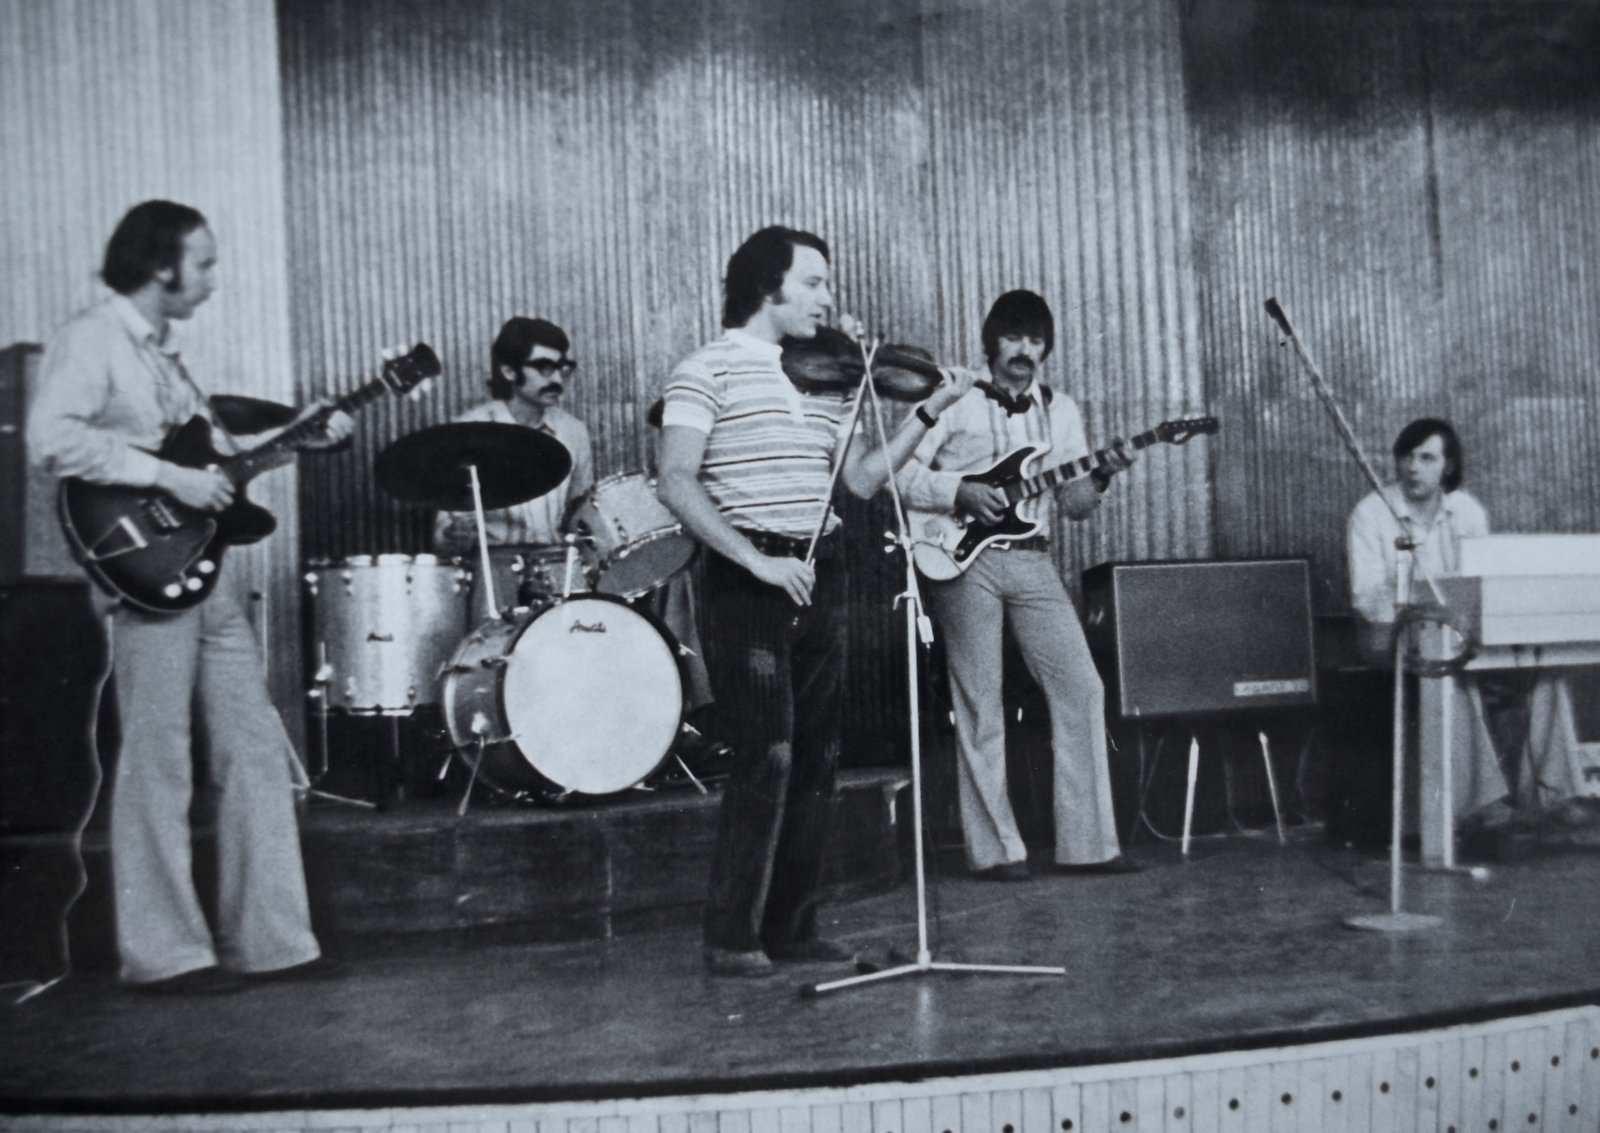 9 Ресторан КРИСТАЛЛ-1972г. Российский,Голендер,Чижик,Литвиненко,Старосельский,Птушко.